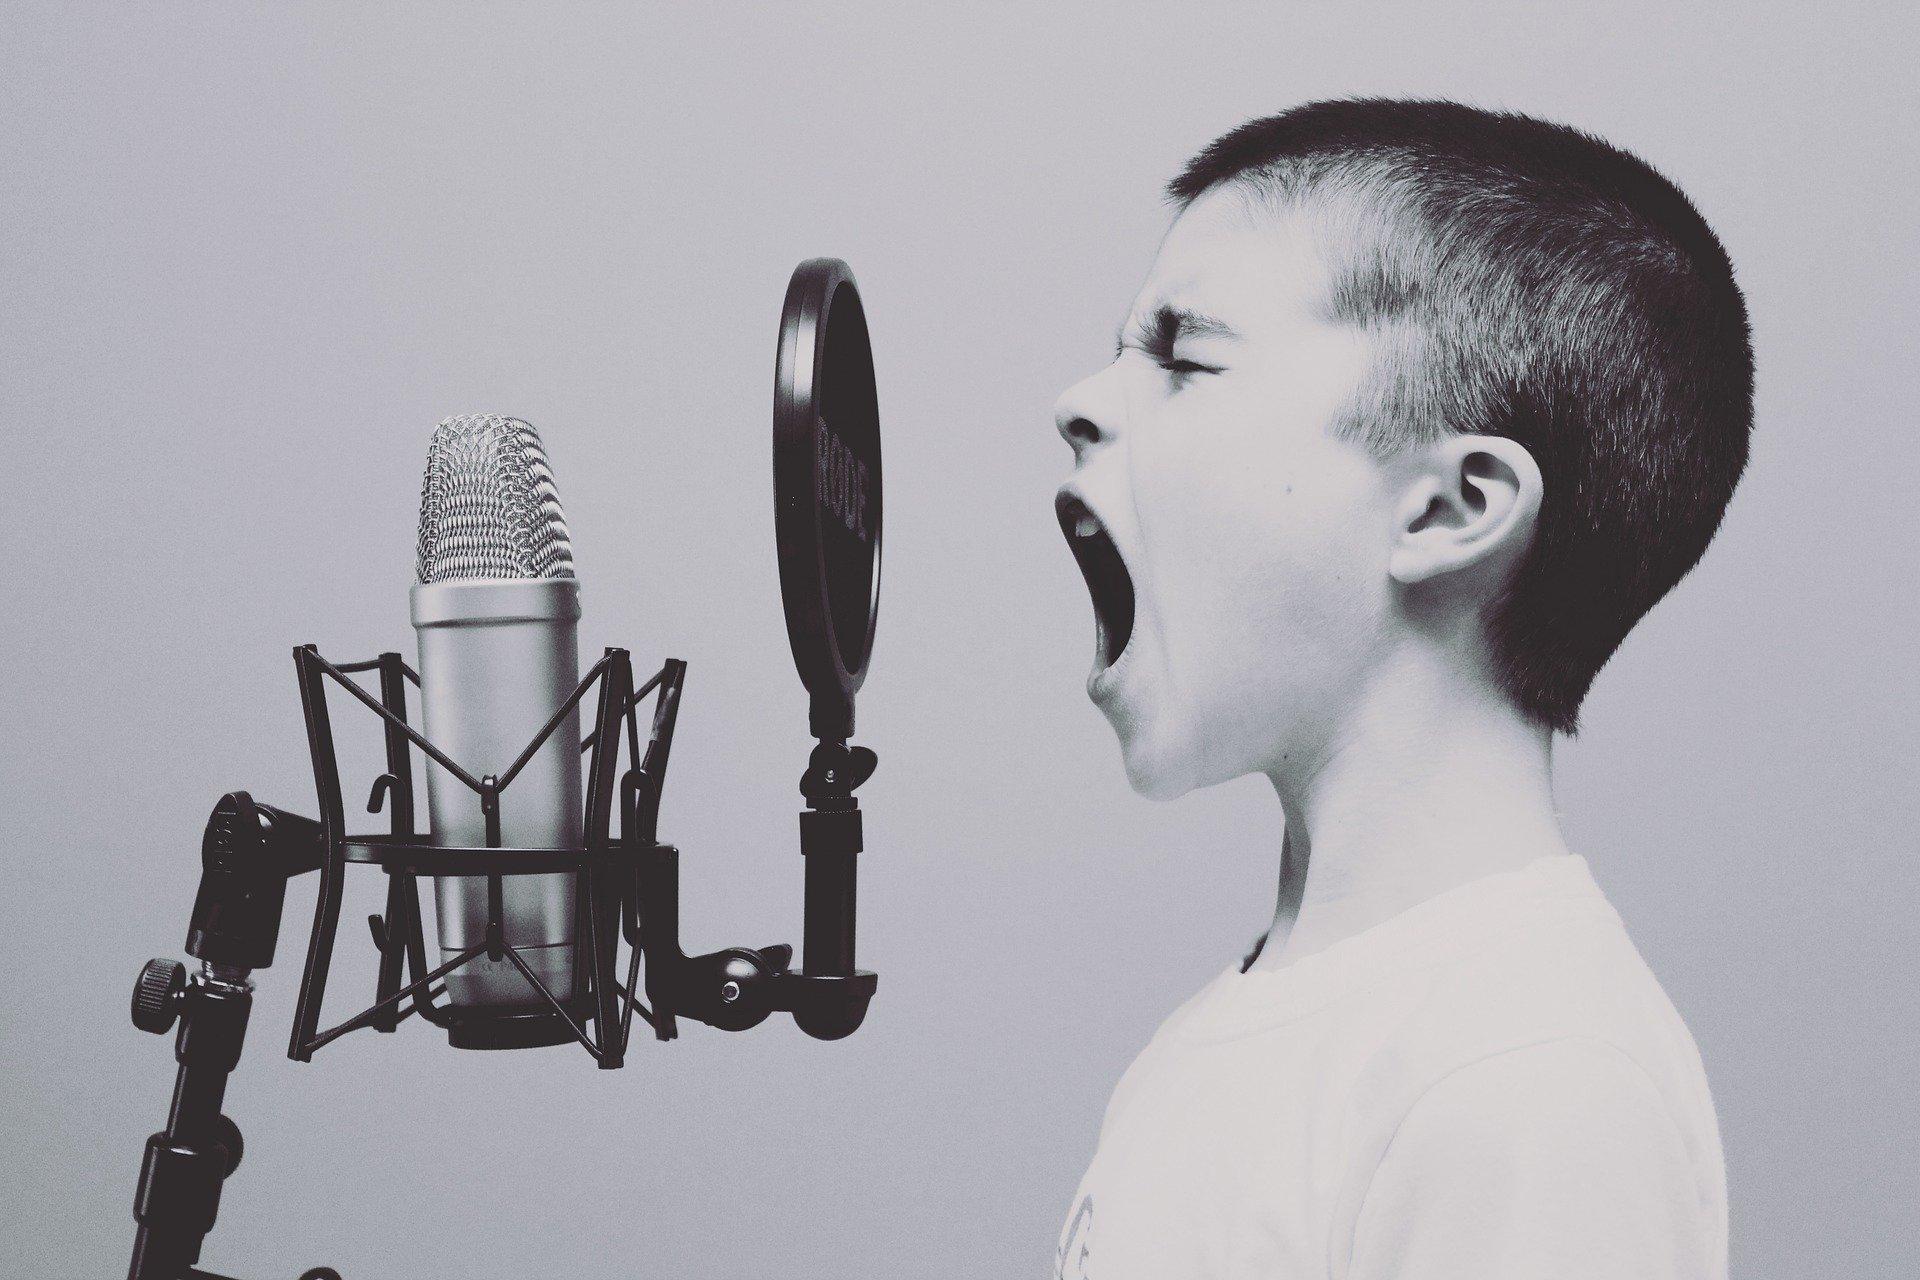 comment-composer-musique-enfants